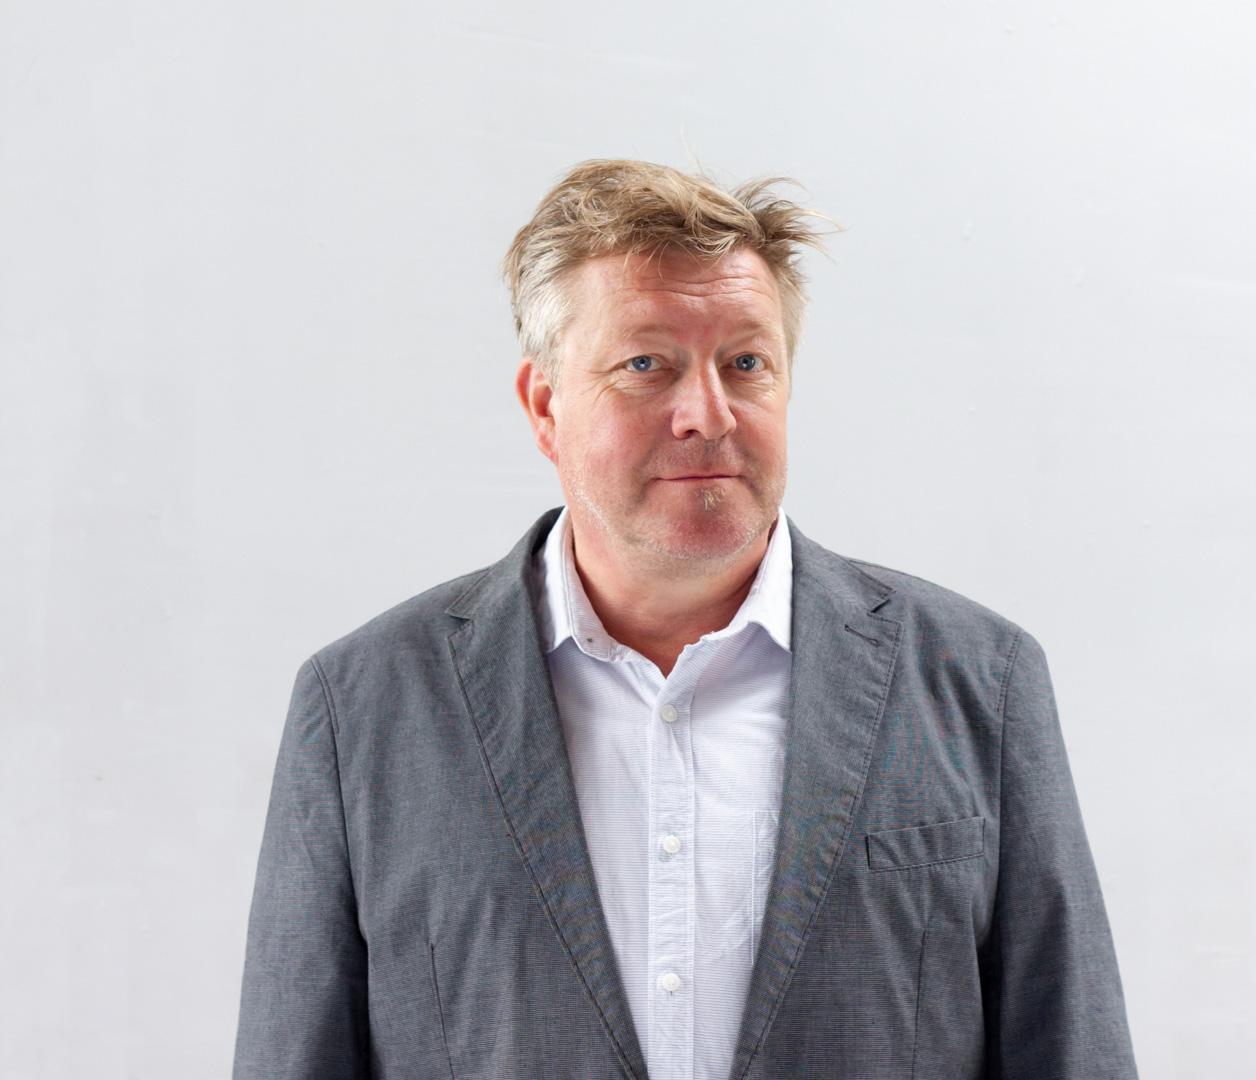 Edwin van der Hoeven